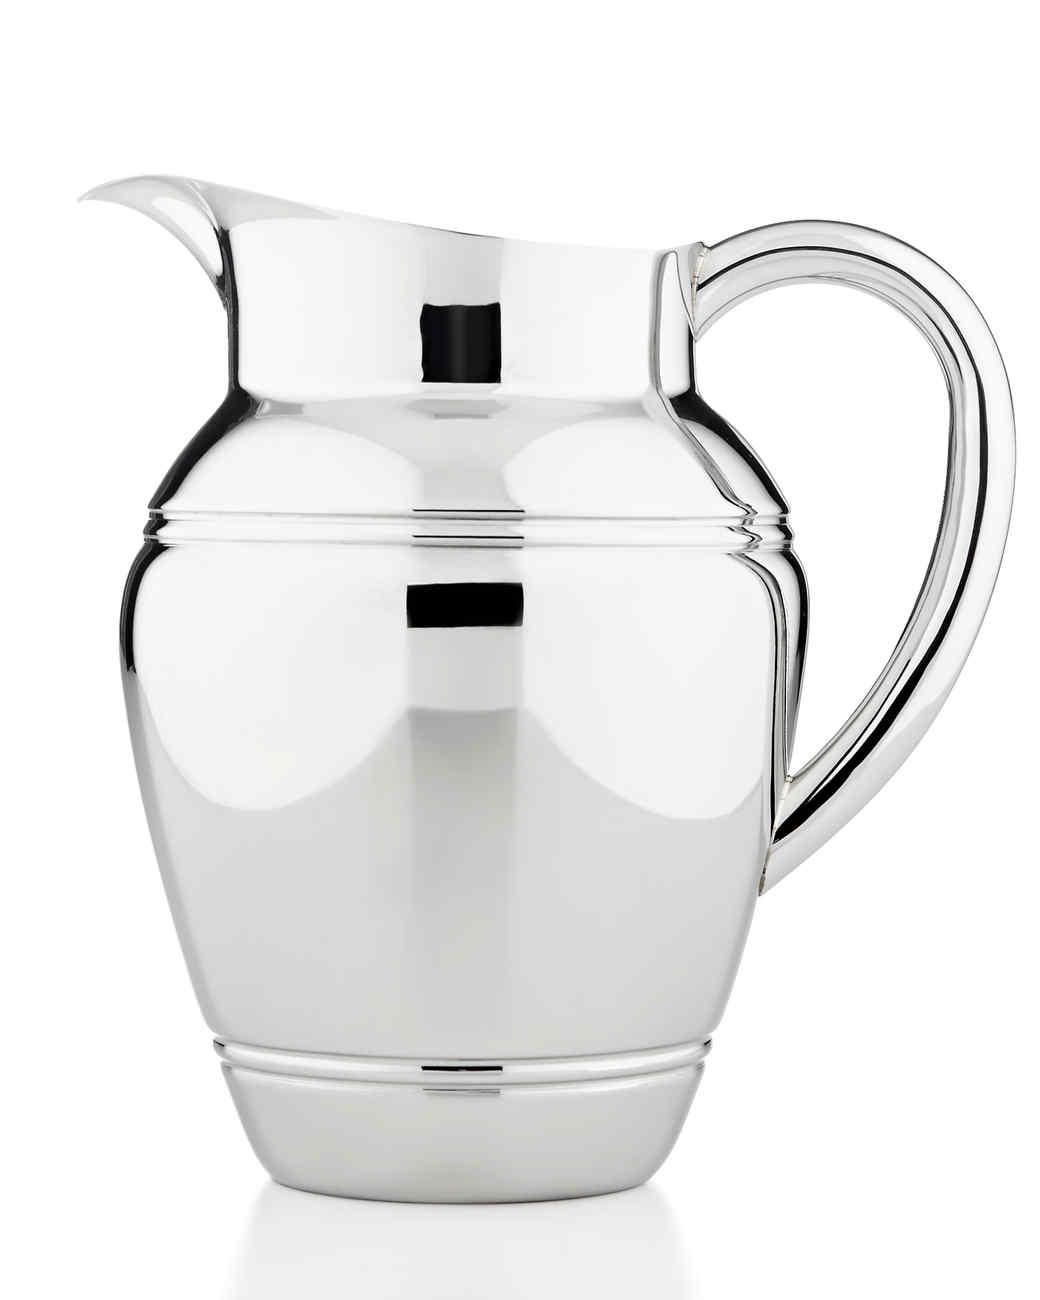 msmacys-holiday-pitcher-mrkt-1113.jpg